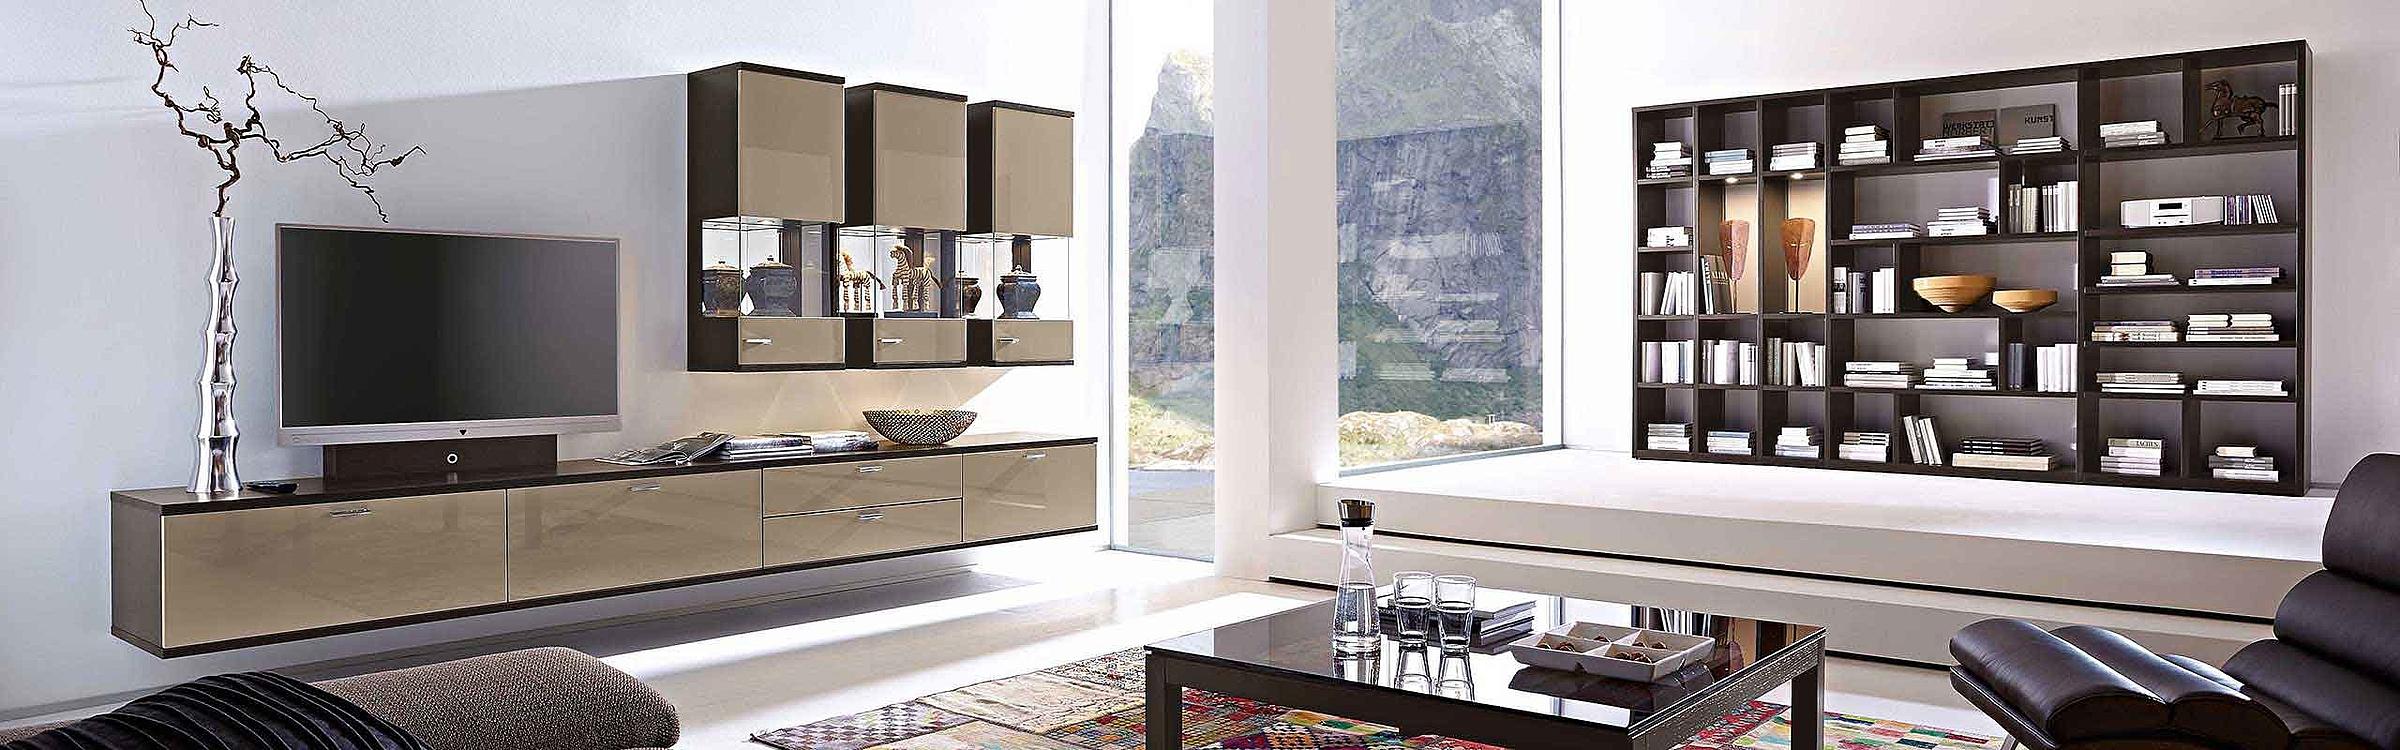 Wohnwand Regal Couchtisch Wohnzimmer Lavita